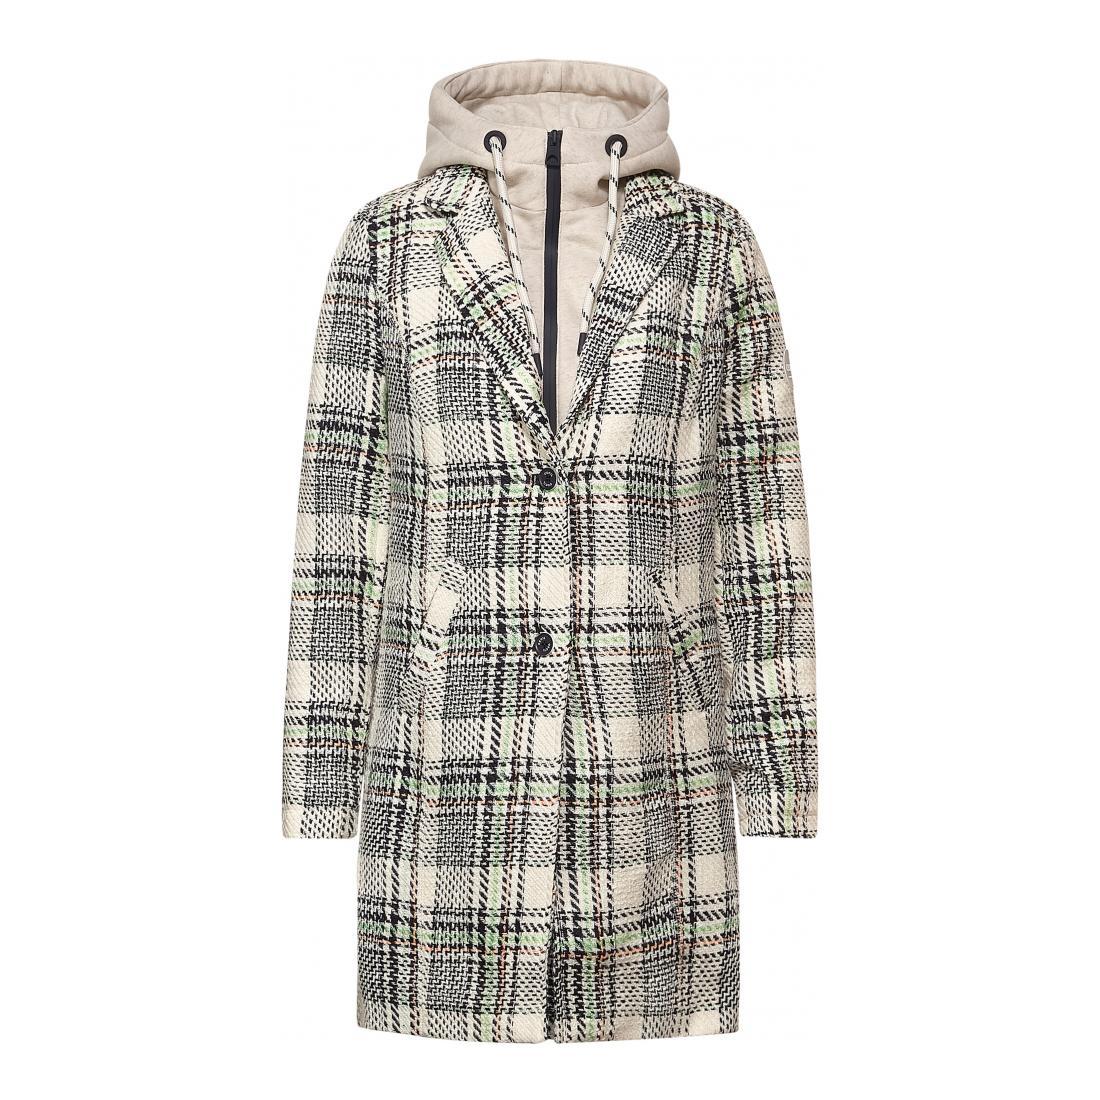 Cecil Mantel Damen Check Coat w. Sweat Inser